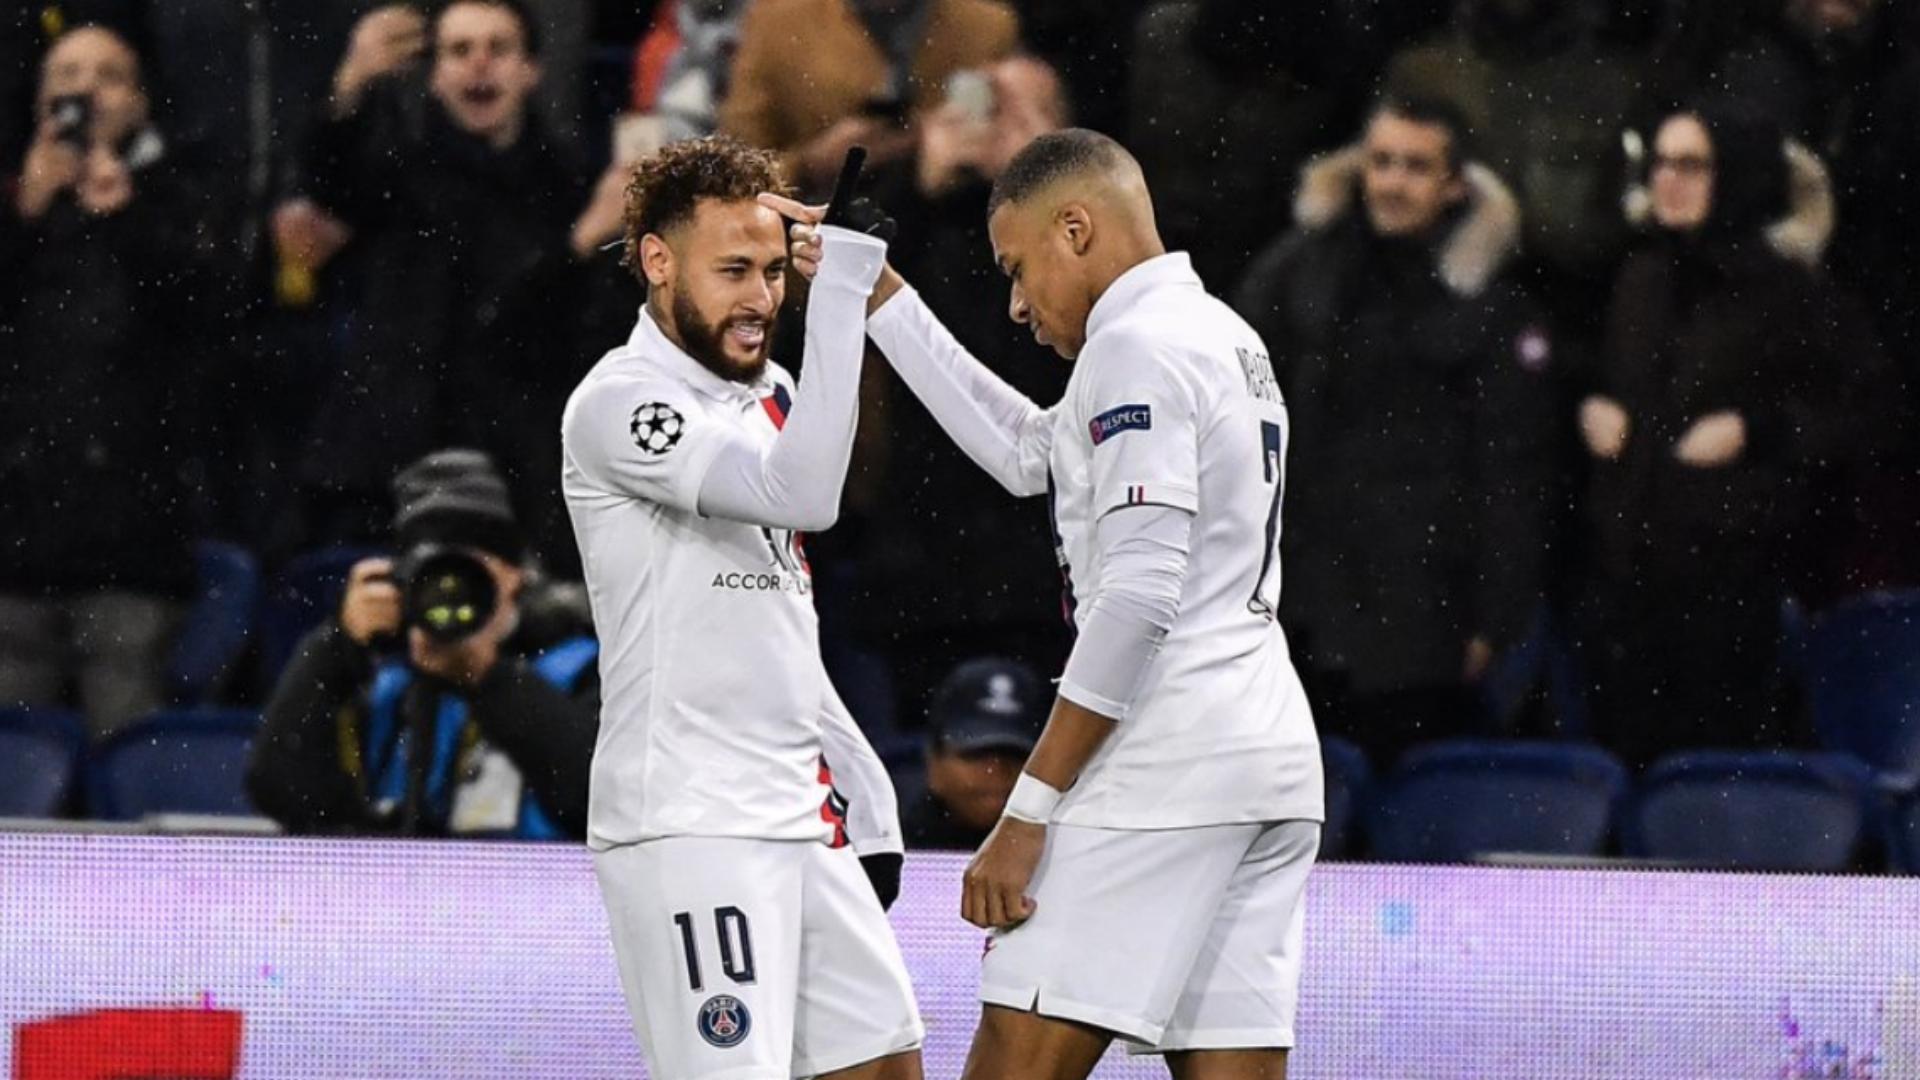 Paris Saint-Germain 5-0 Galatasaray: Neymar shines in Parc des Princes rout